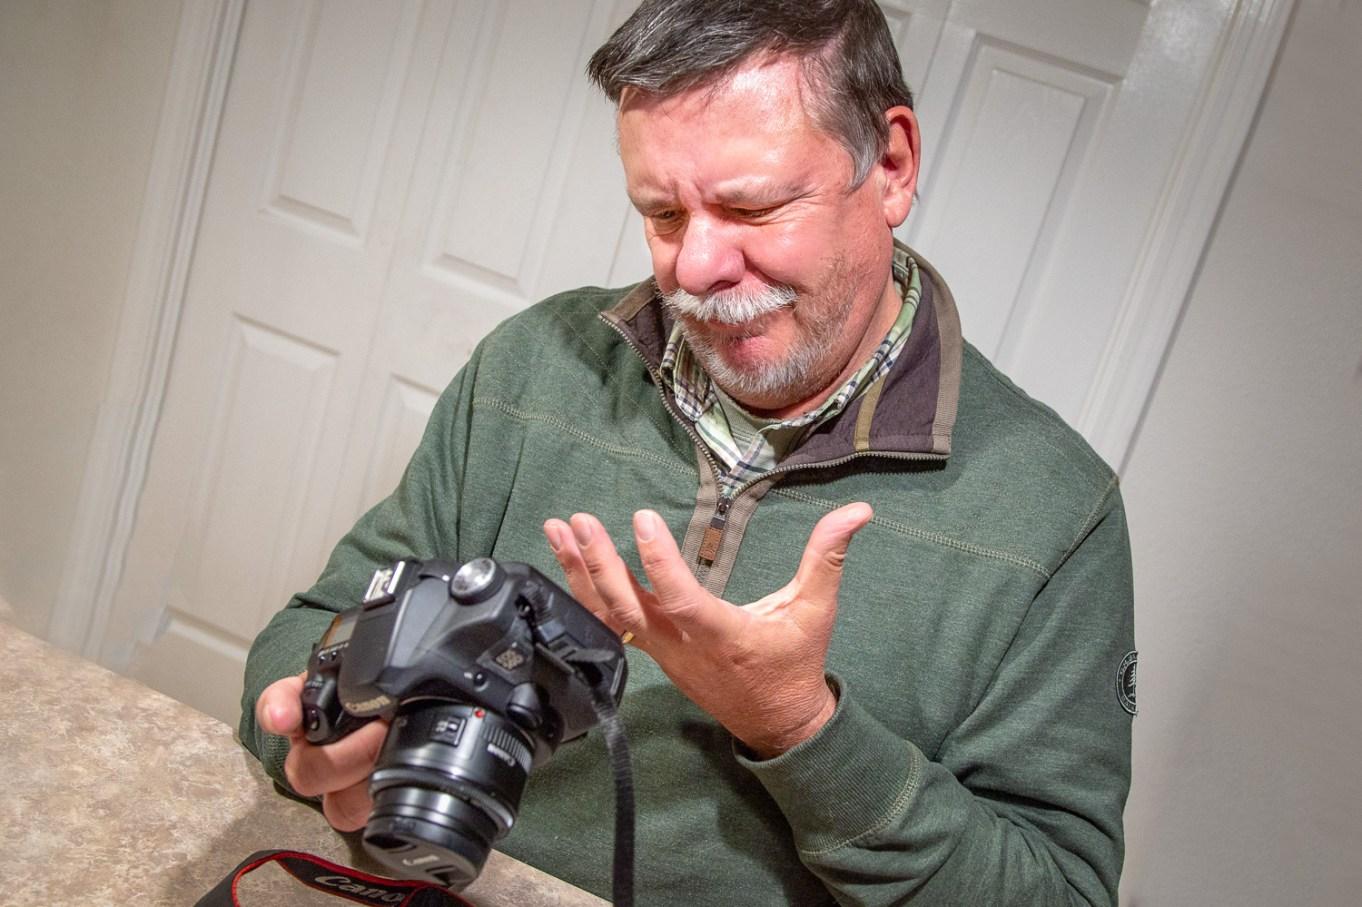 图片:我们都犯错-愚蠢的摄影师错误。当遇到陷阱时,能够退出...